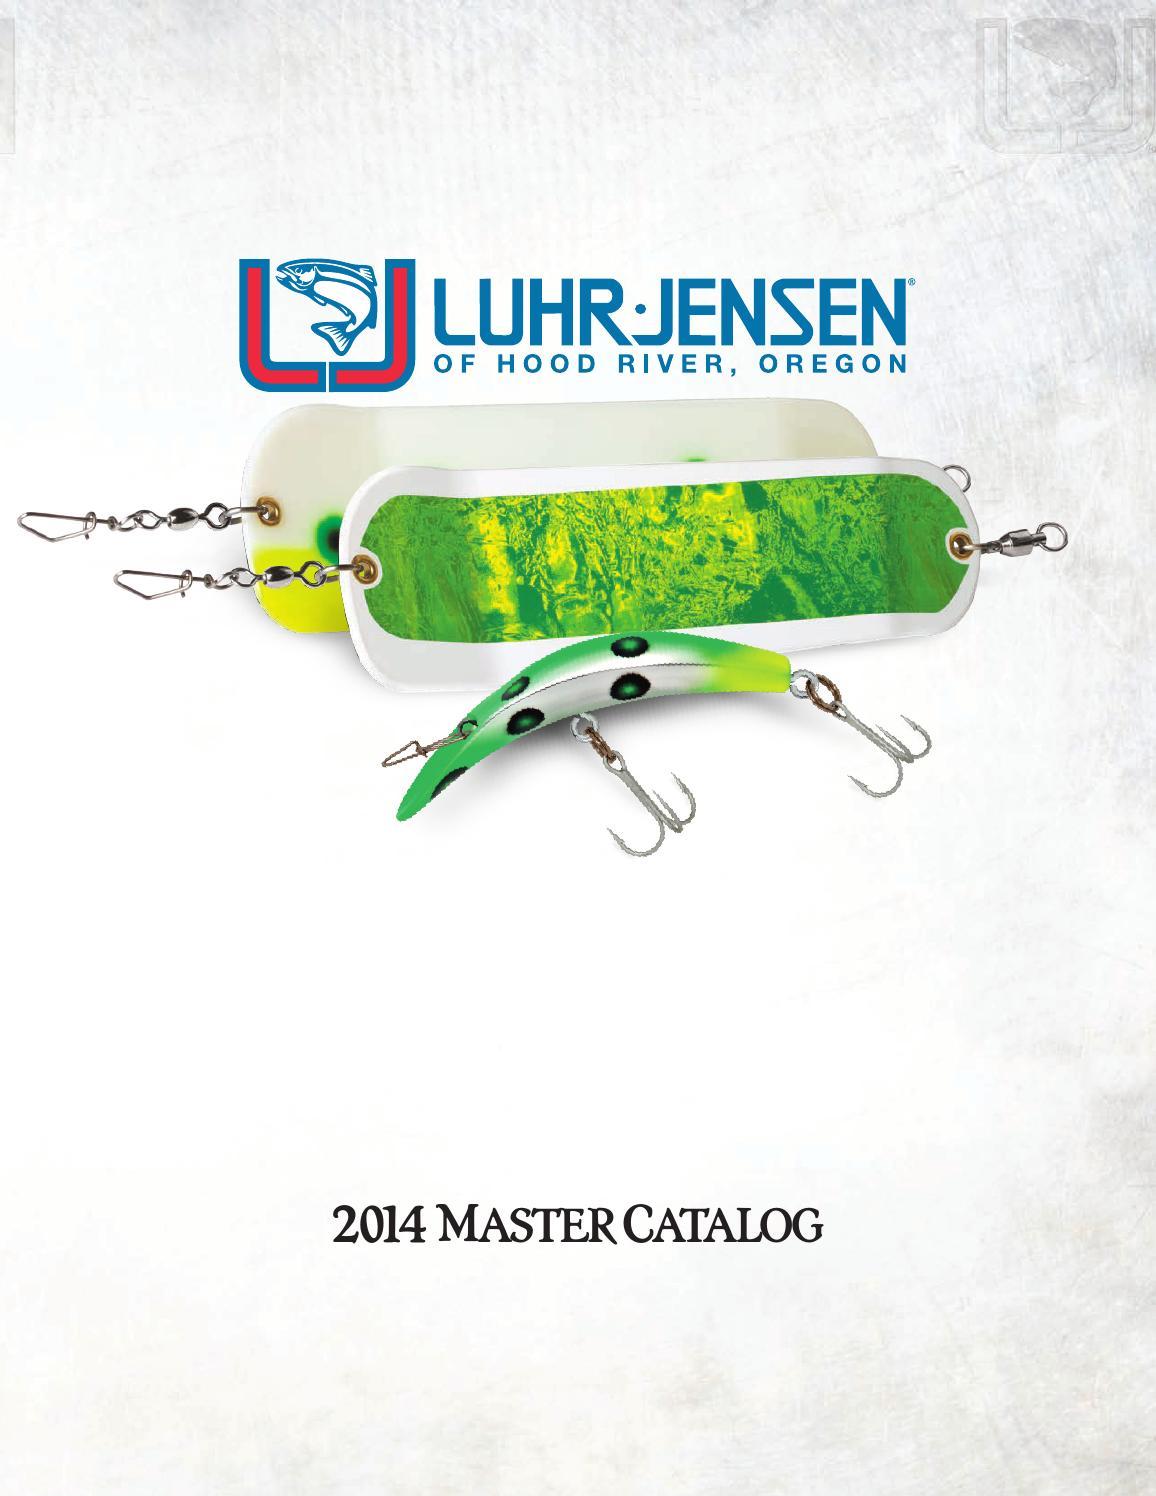 NEW! Luhr Jensen Jet Diver 20/' Crystal Purple Tiger